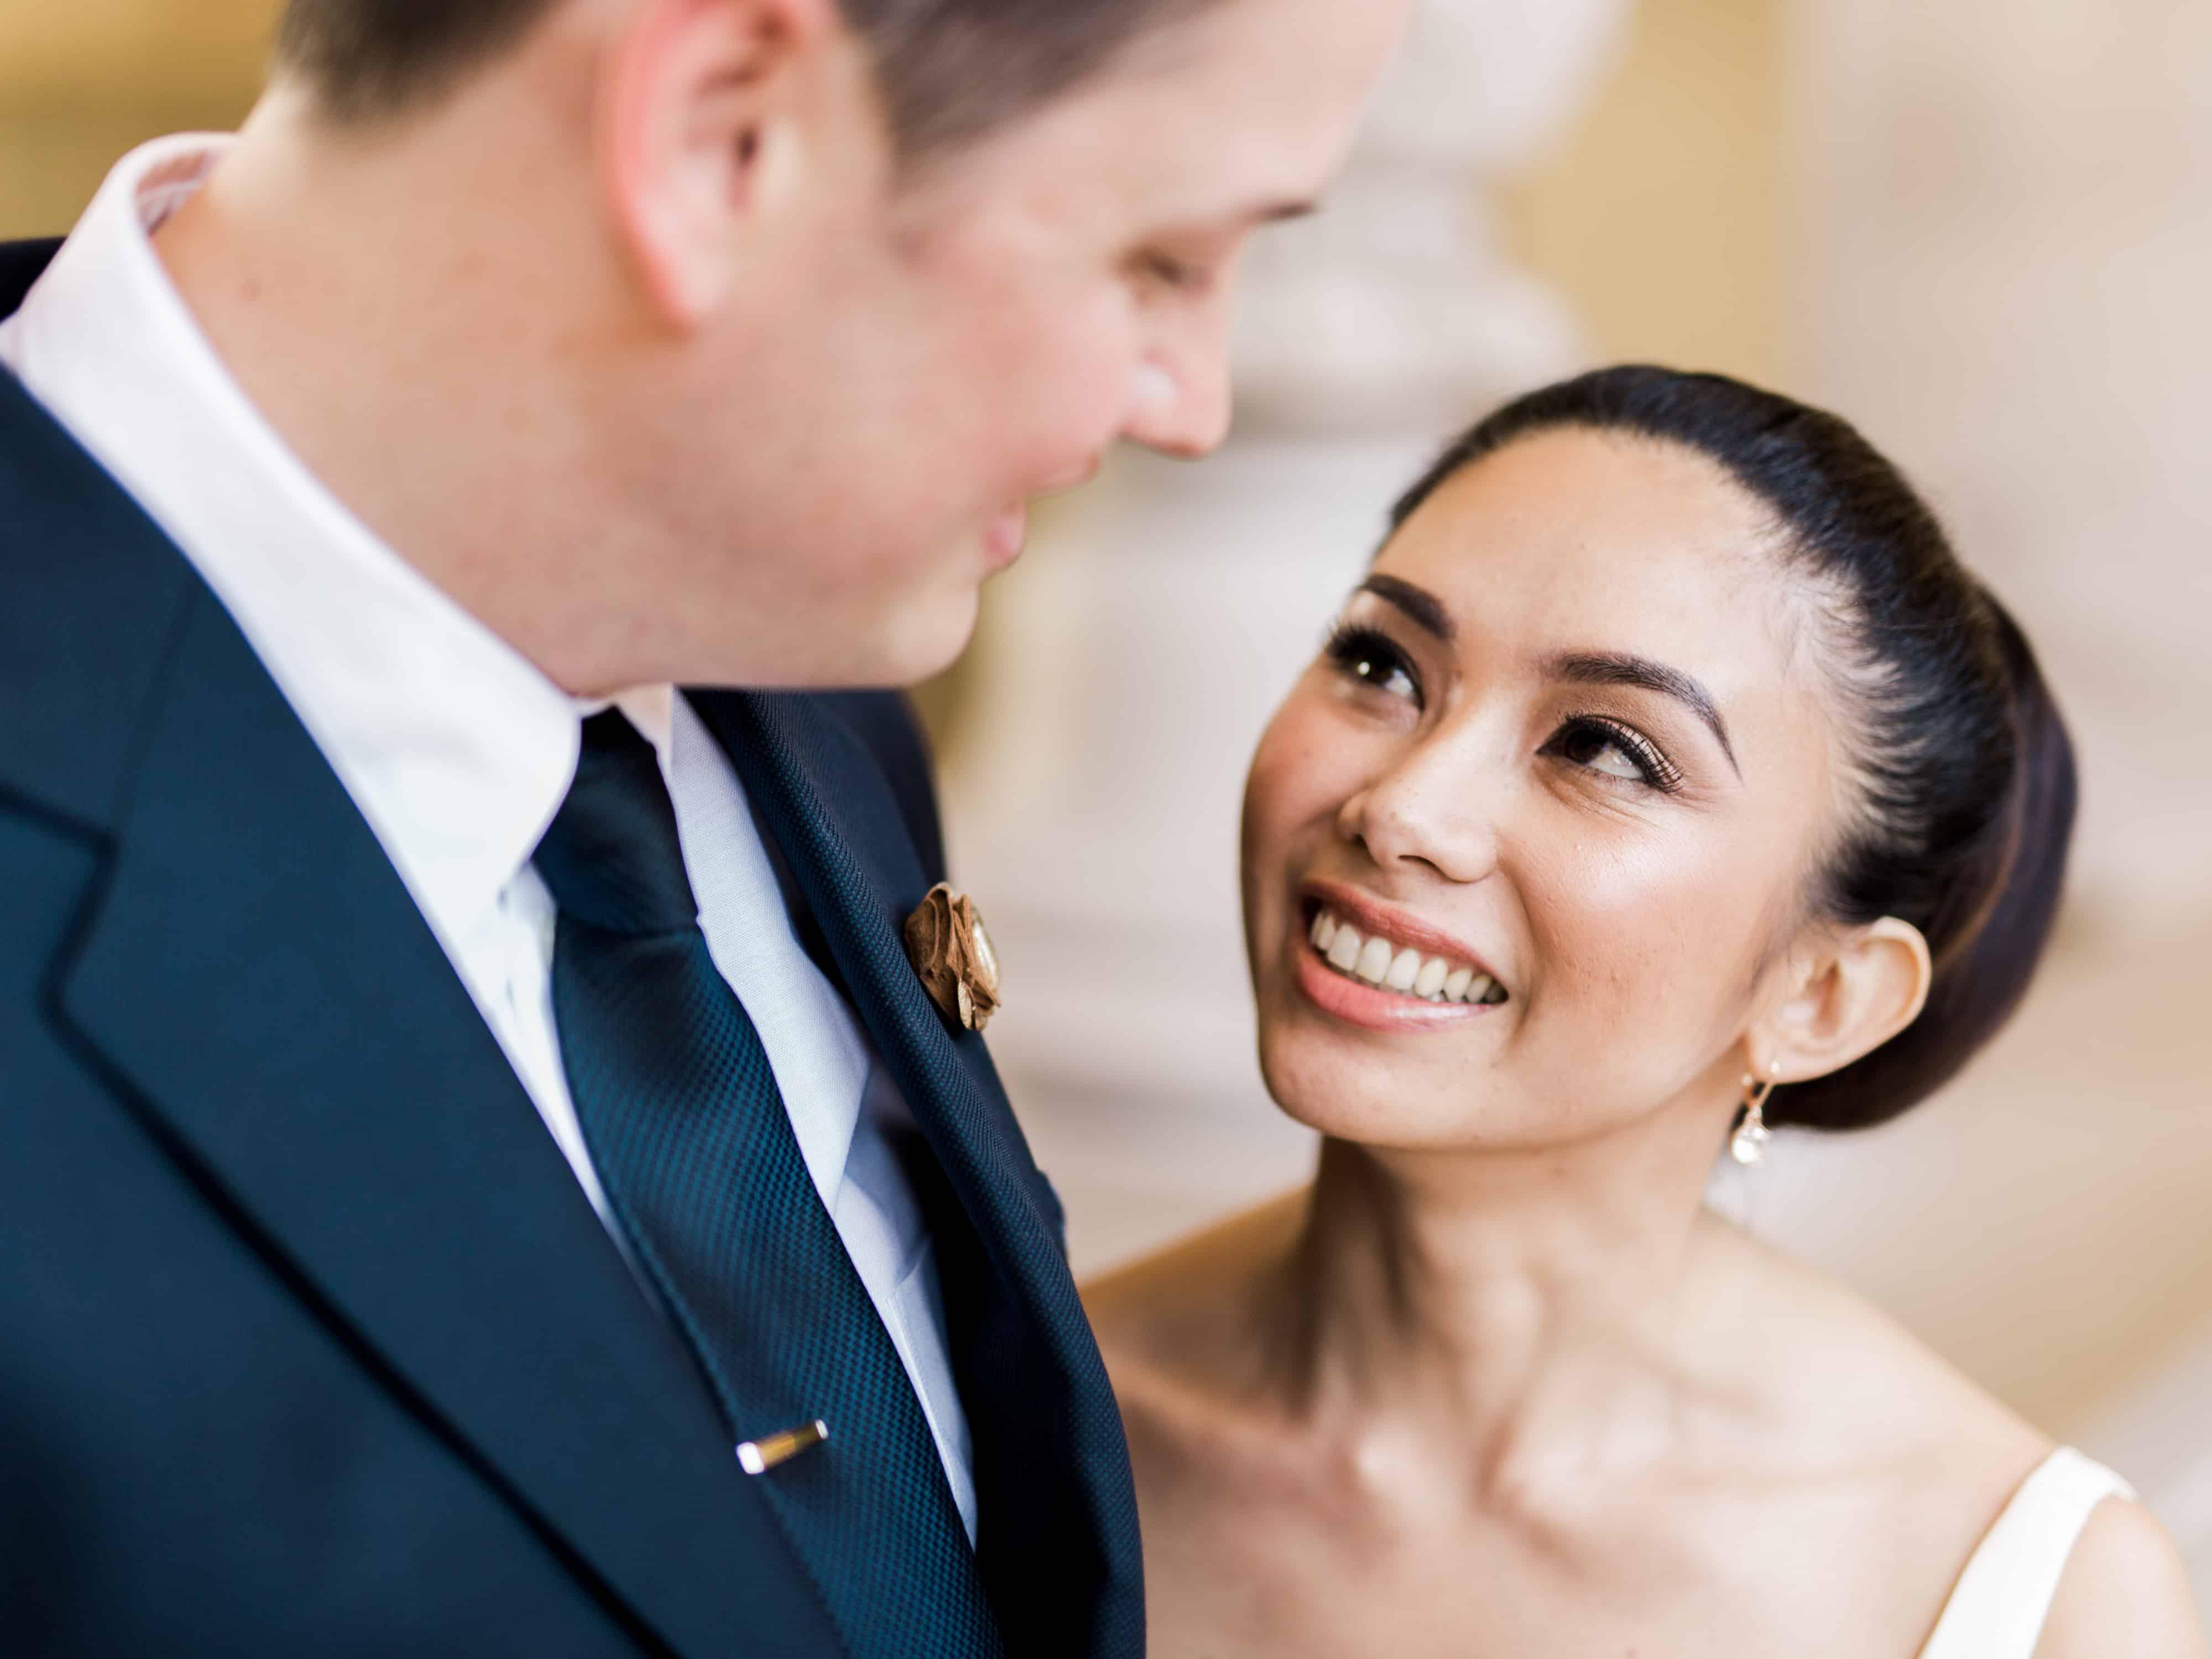 bride candid portrait